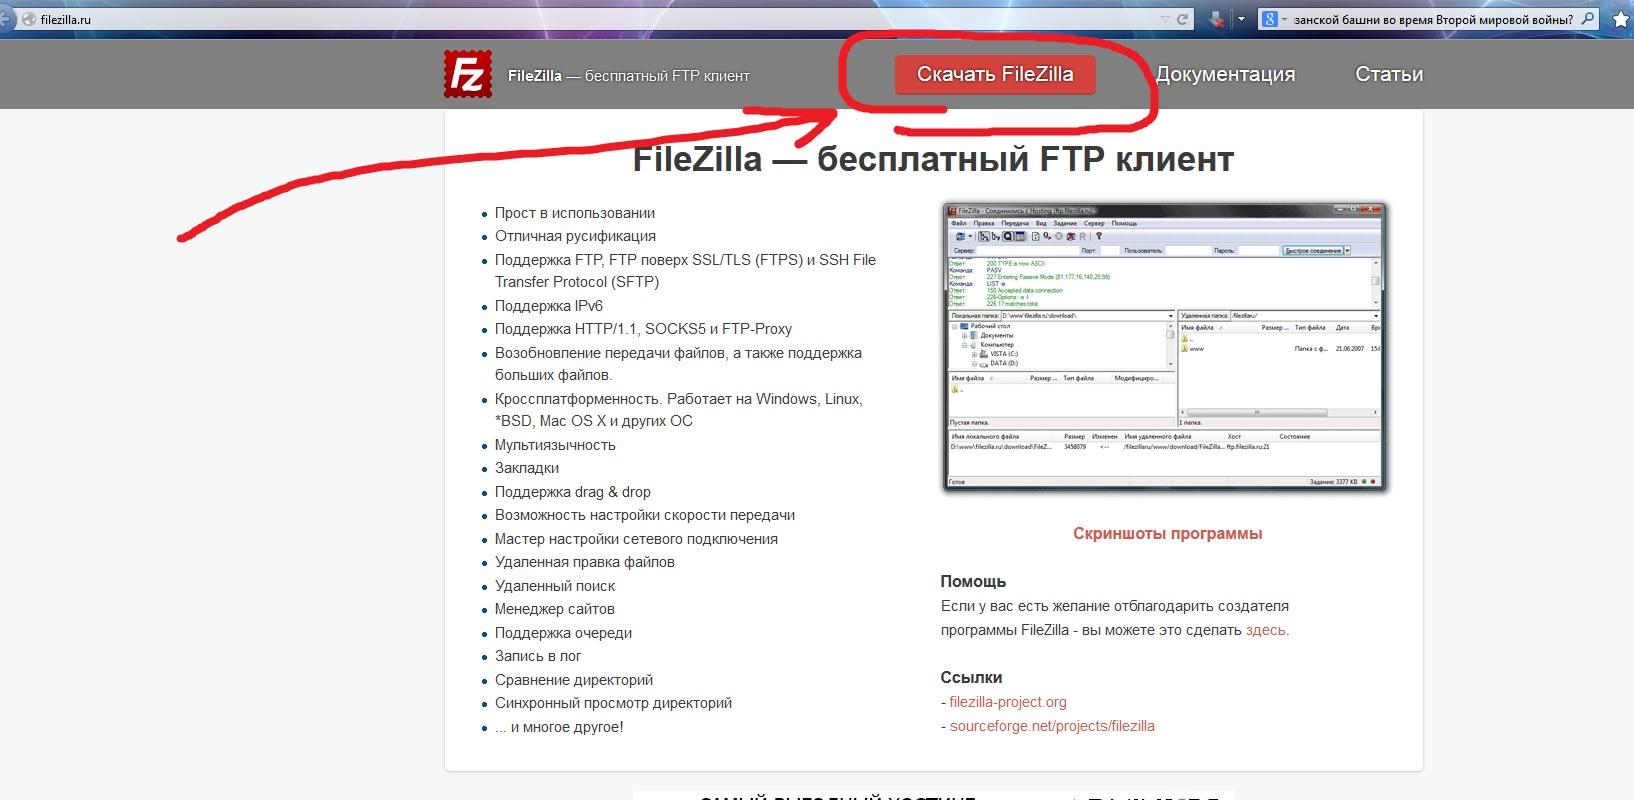 Как сделать копию сайта через filezilla